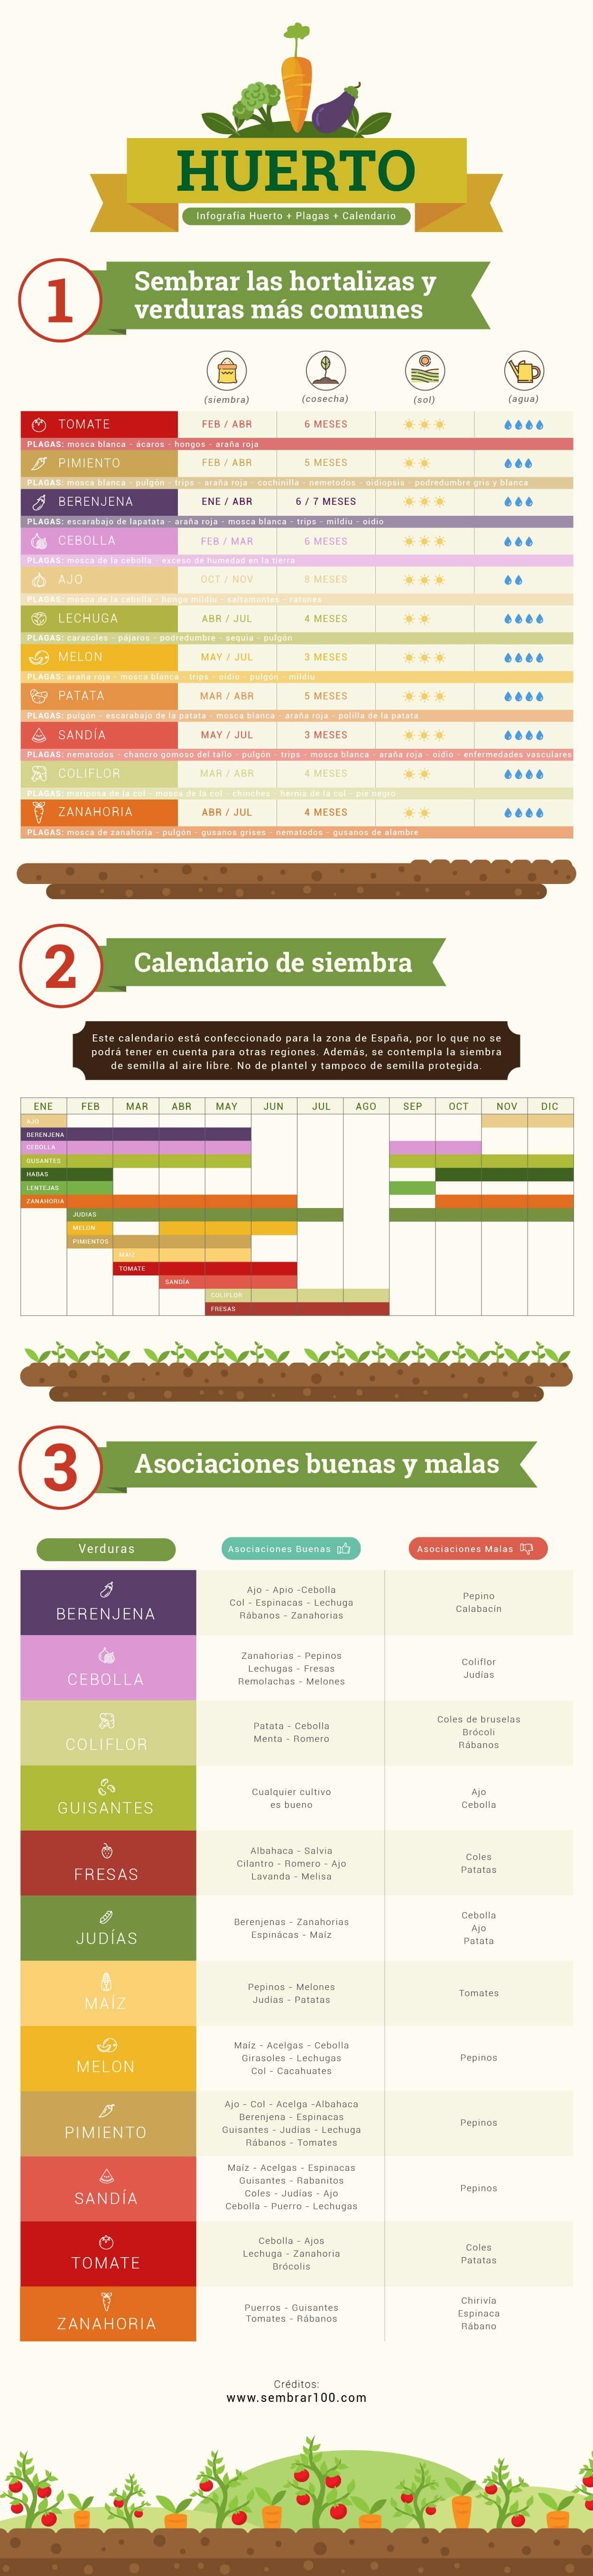 infografia_huerto-1-1